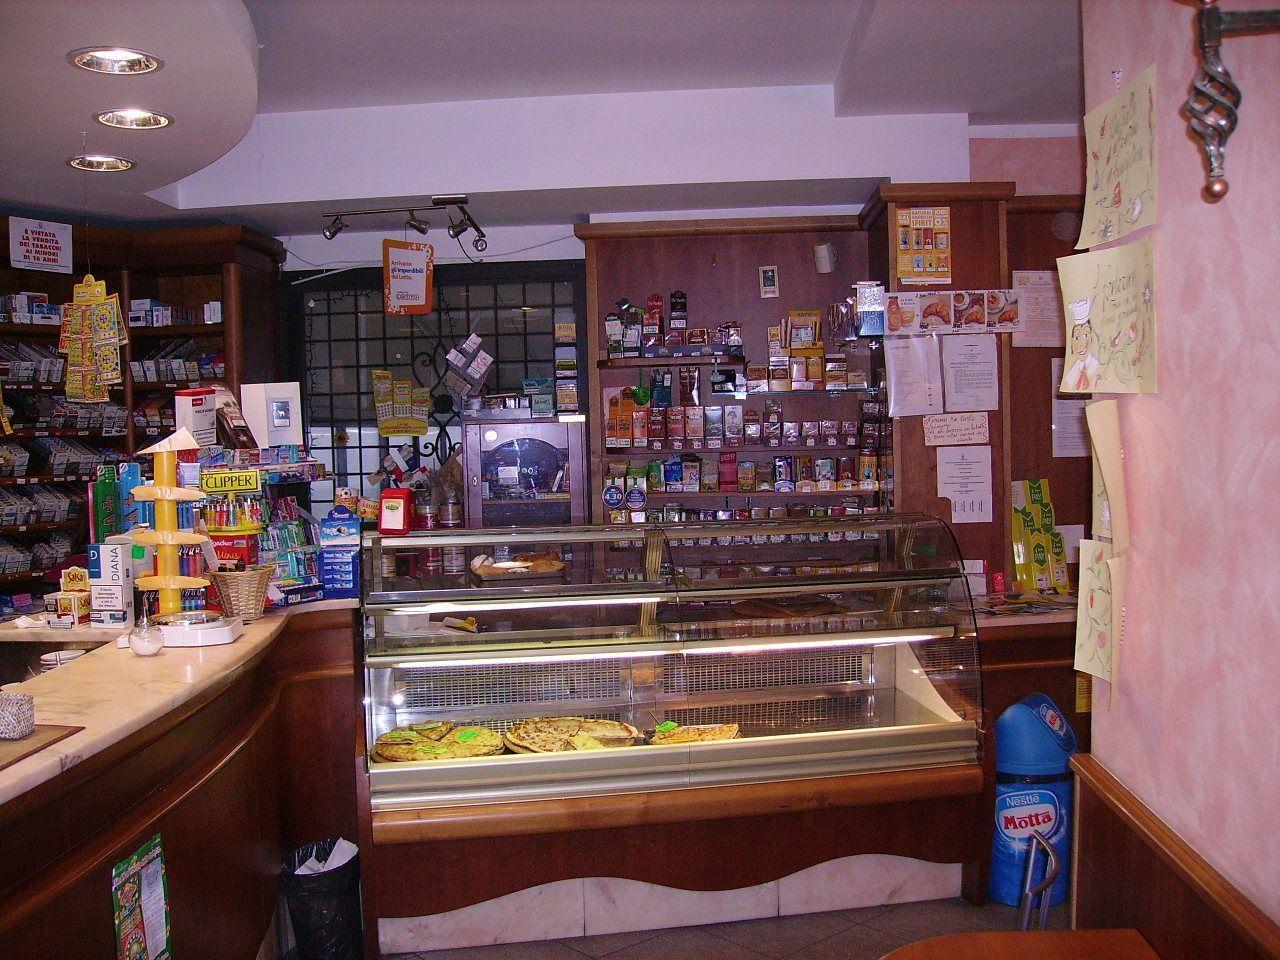 Bar Tabacchi a Pistoia Rif. 4152826